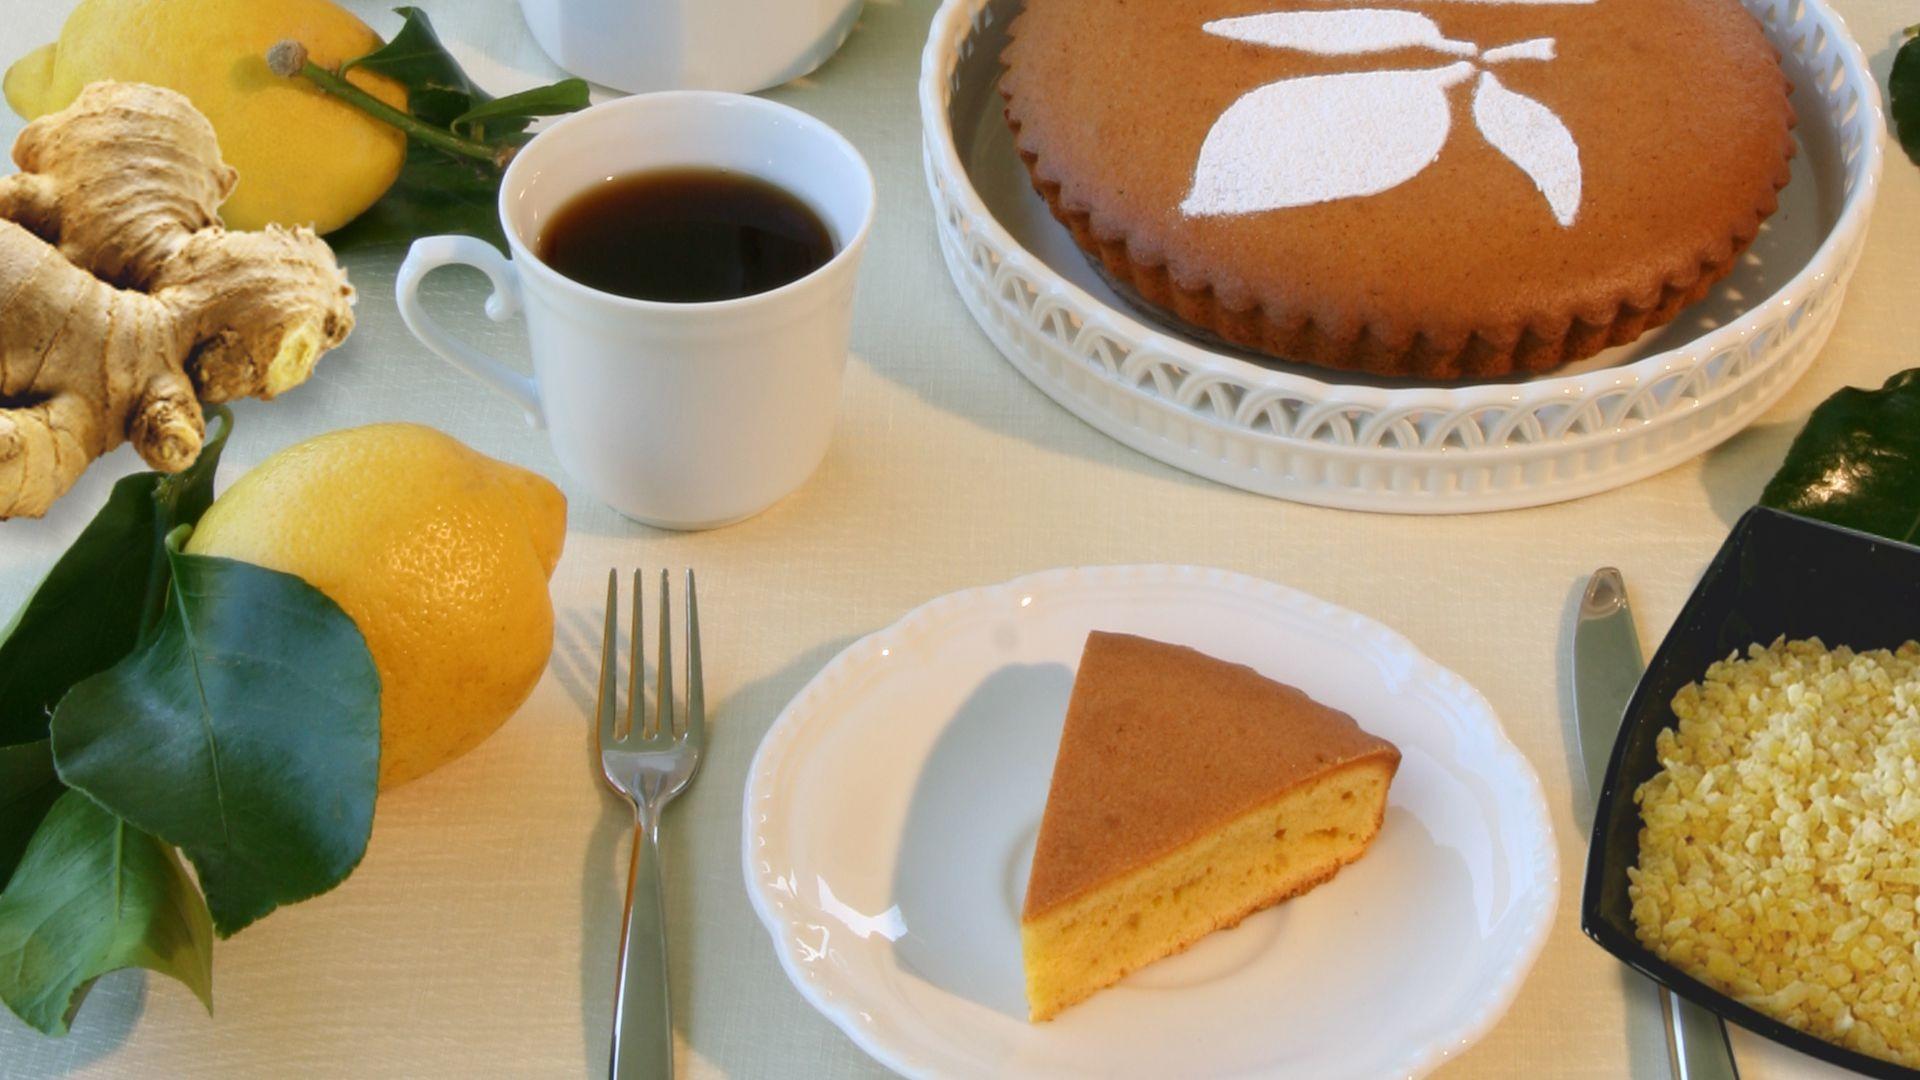 Torta al gusto di limone con zenzero candito